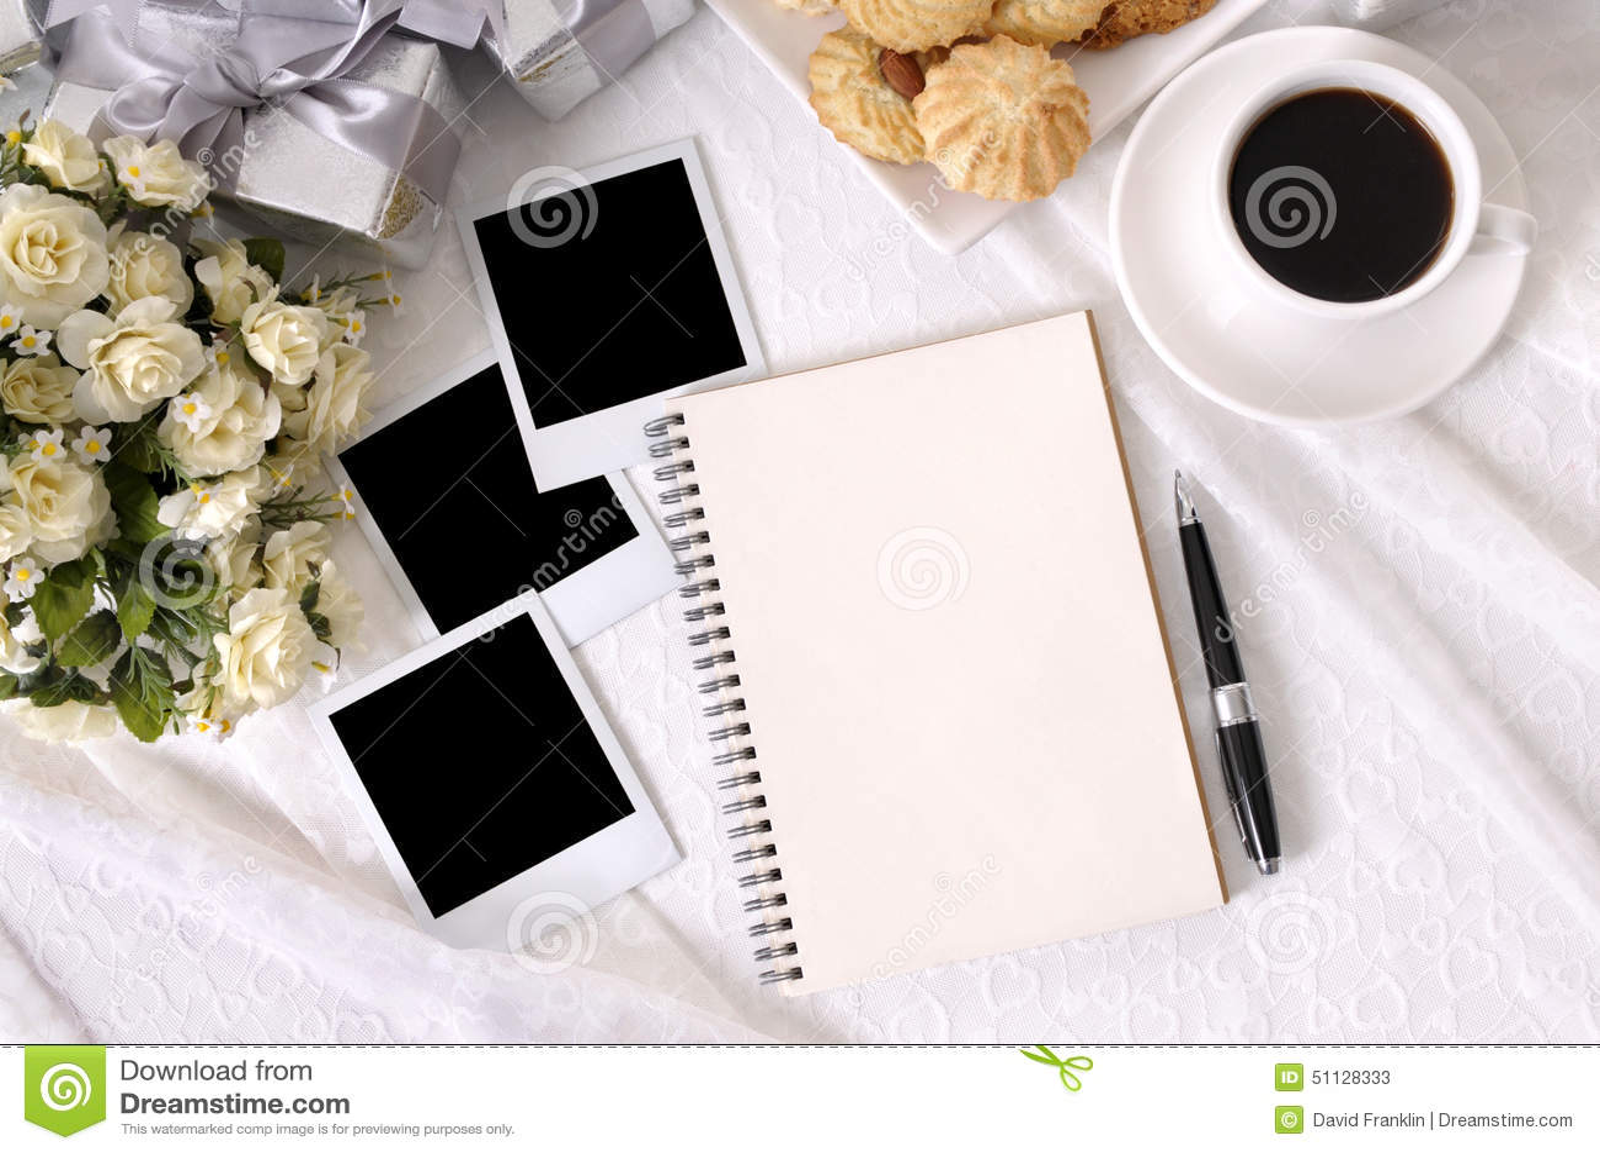 Hochzeitsgeschenke und Fotoalbum